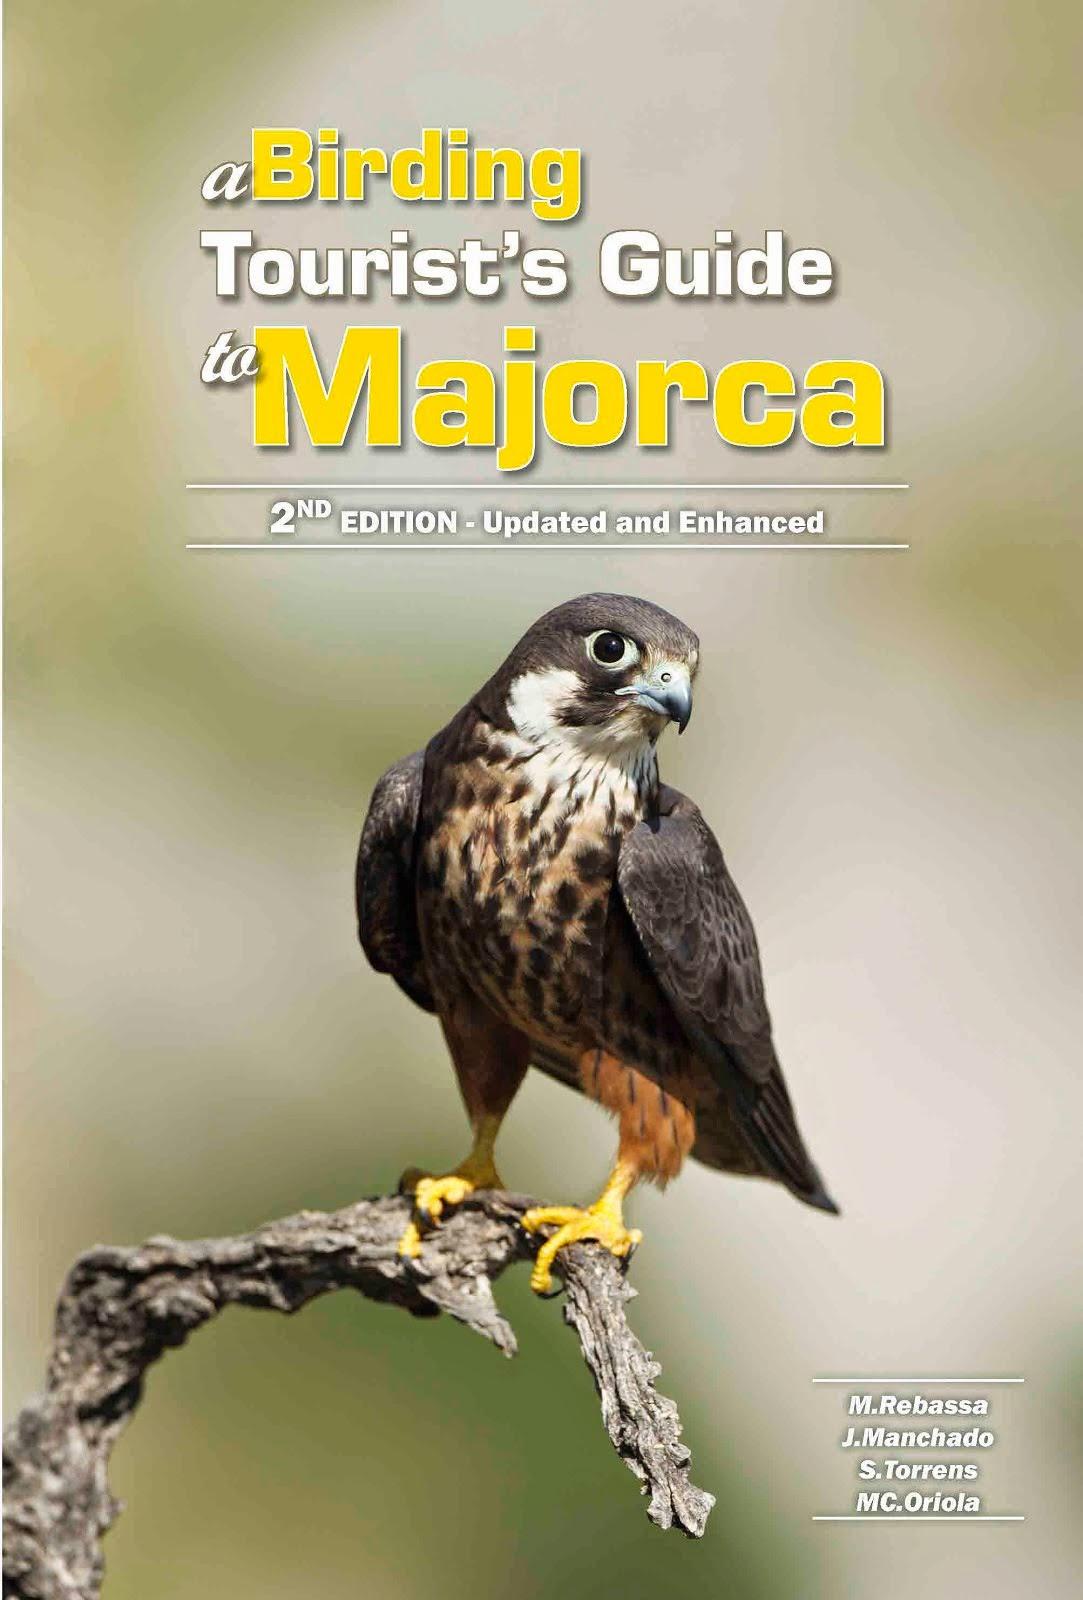 Majorca Birding Guide. 2nd